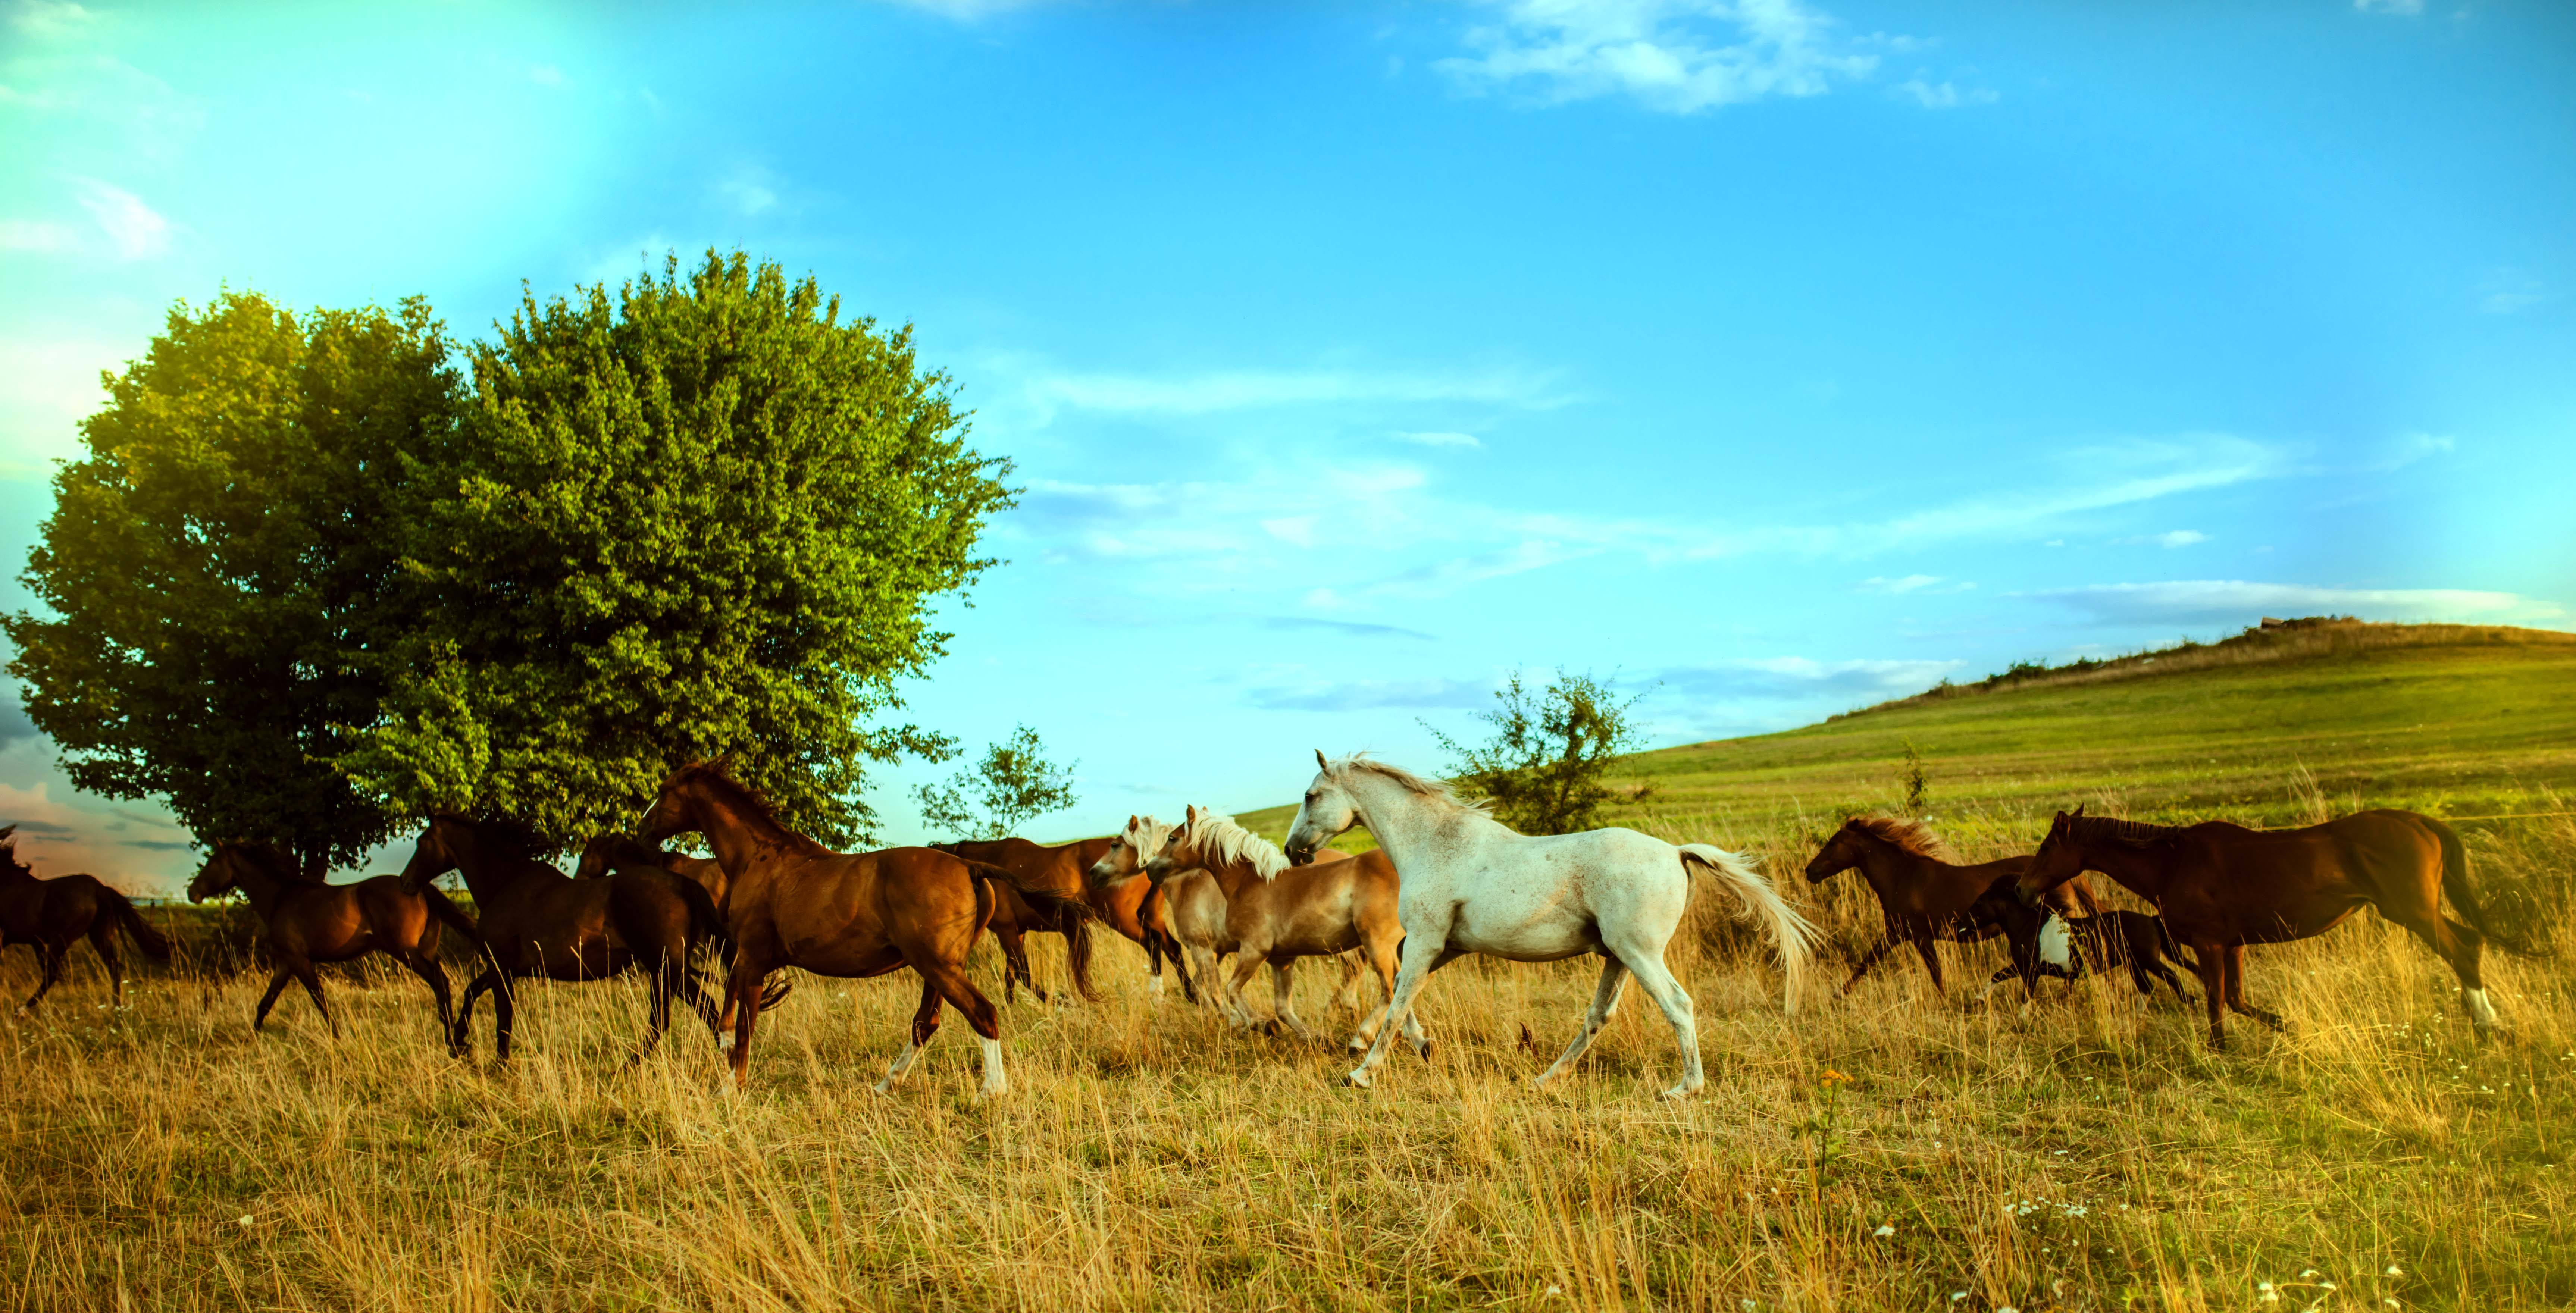 stado pastviny kone